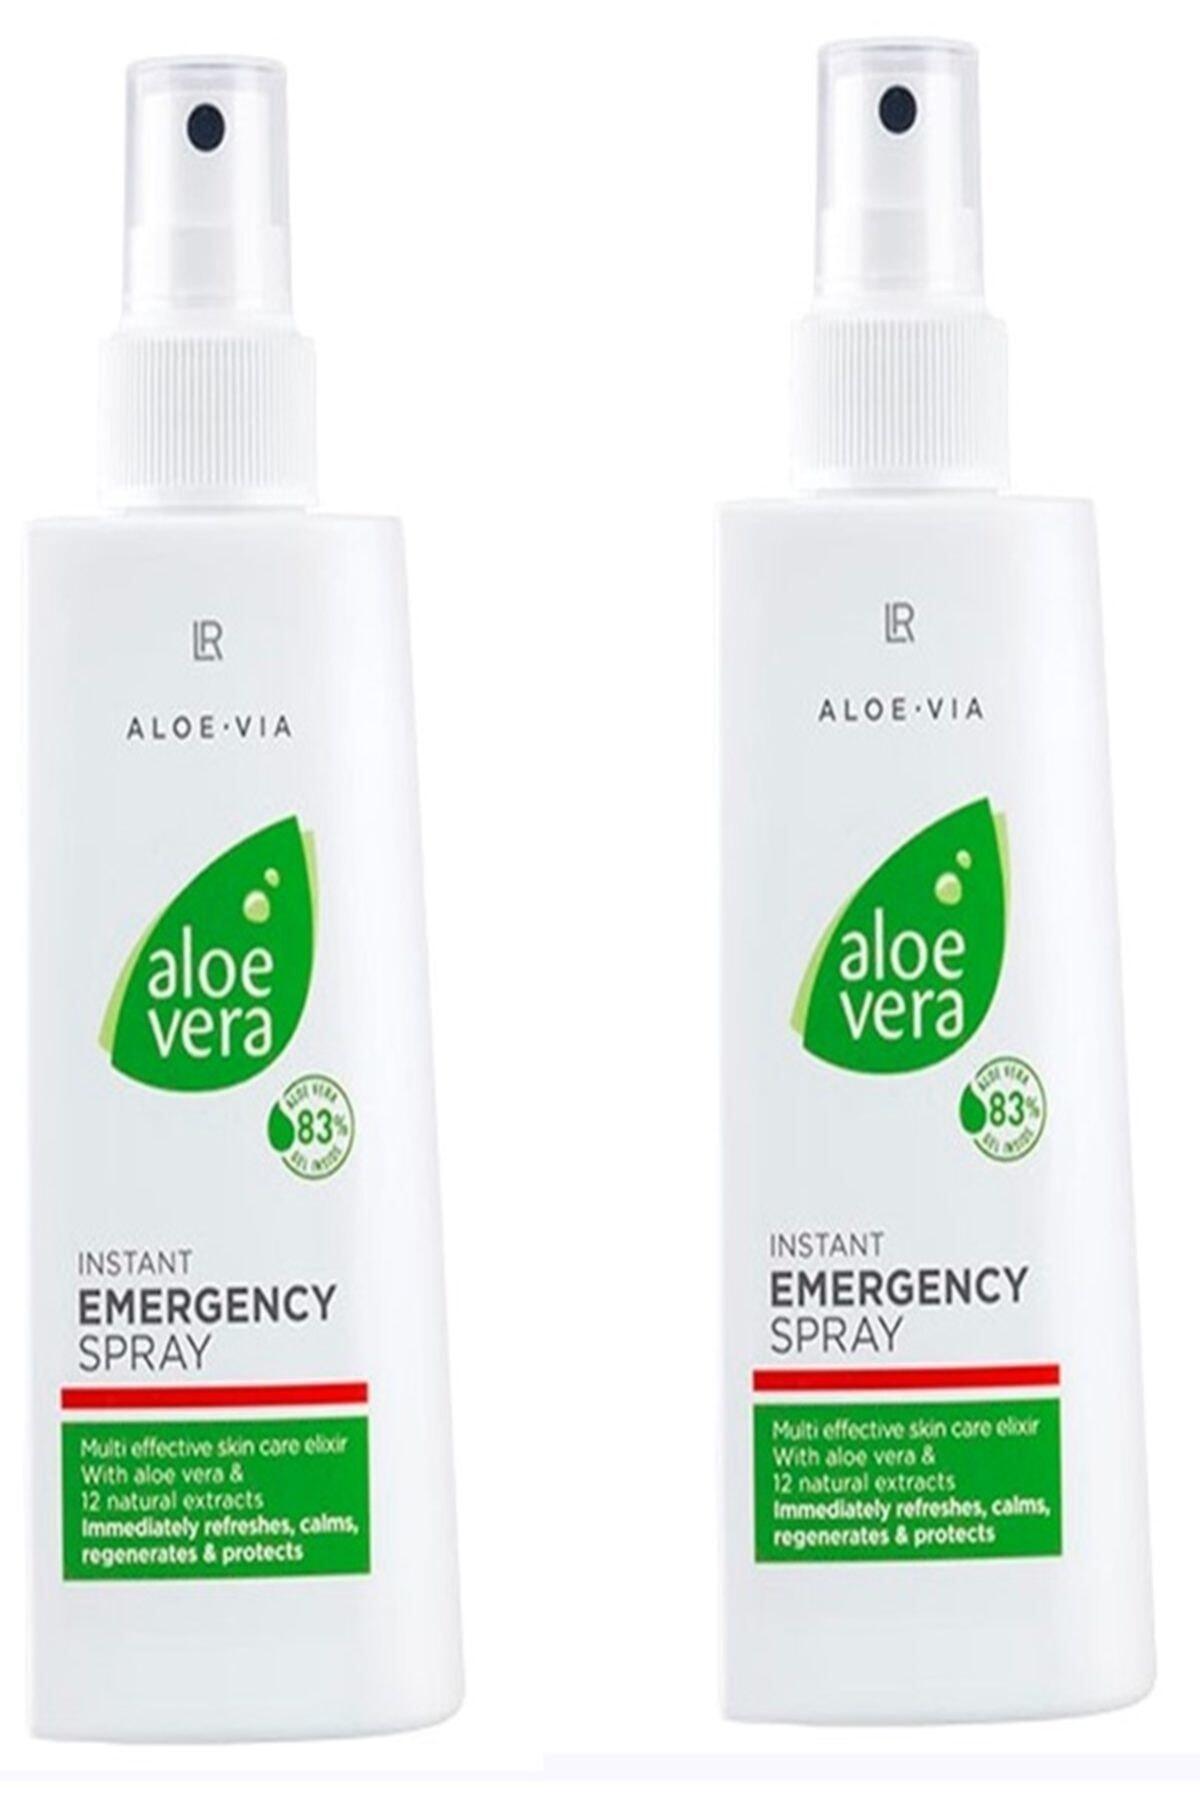 LR Aloe Vera Acil Yardım Spreyi 150 Ml X 2 Adet 1